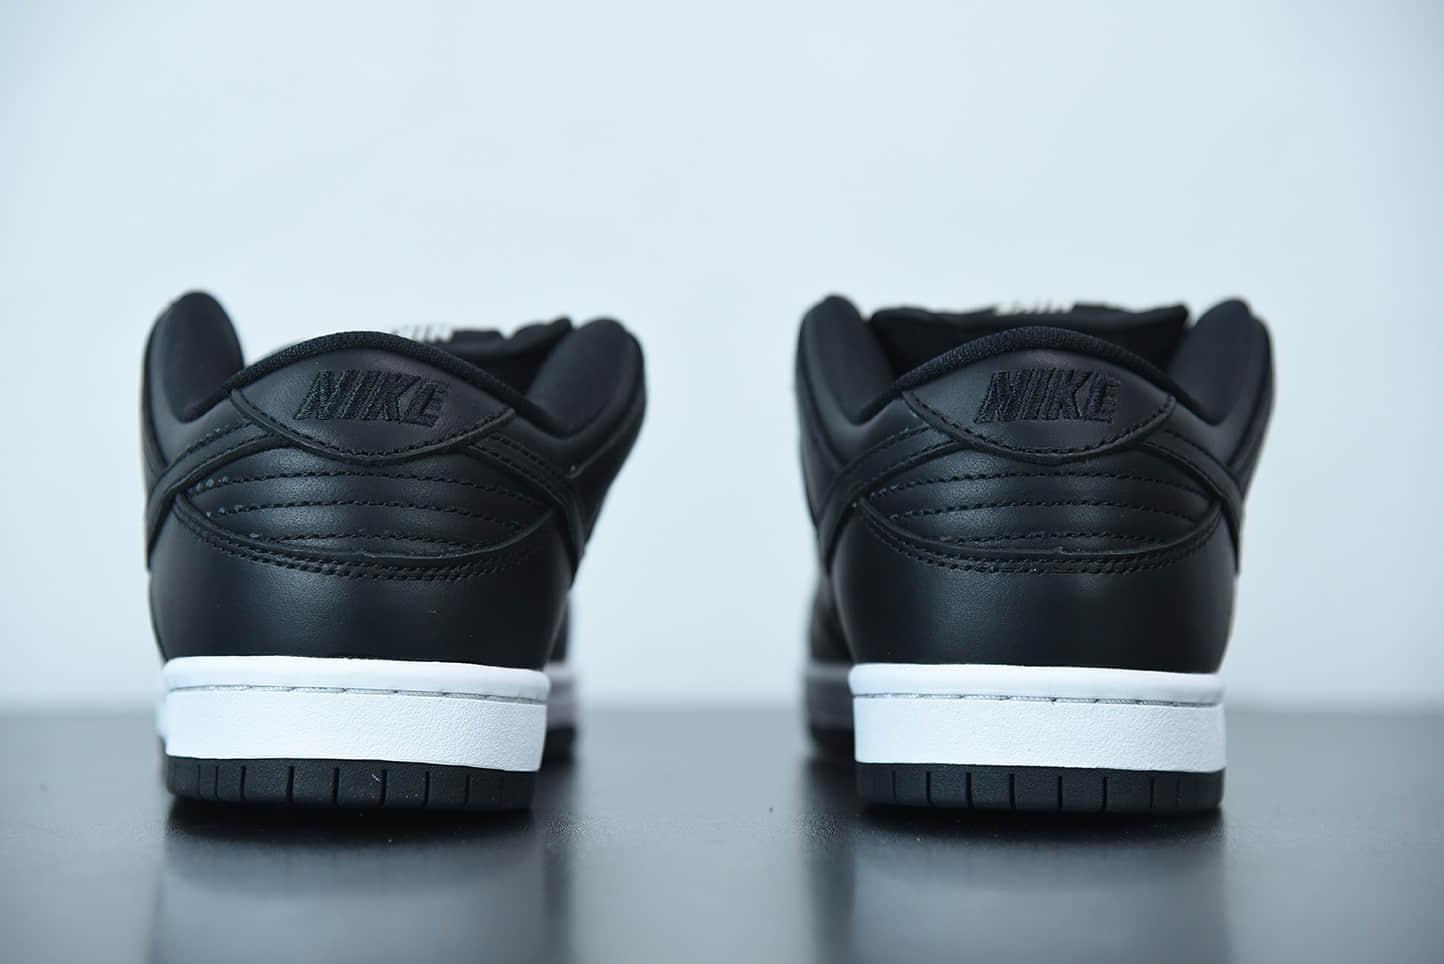 耐克Nike SB Low Dunk 黑白经典低帮文化休闲板鞋纯原版本 货号:CV1727-001